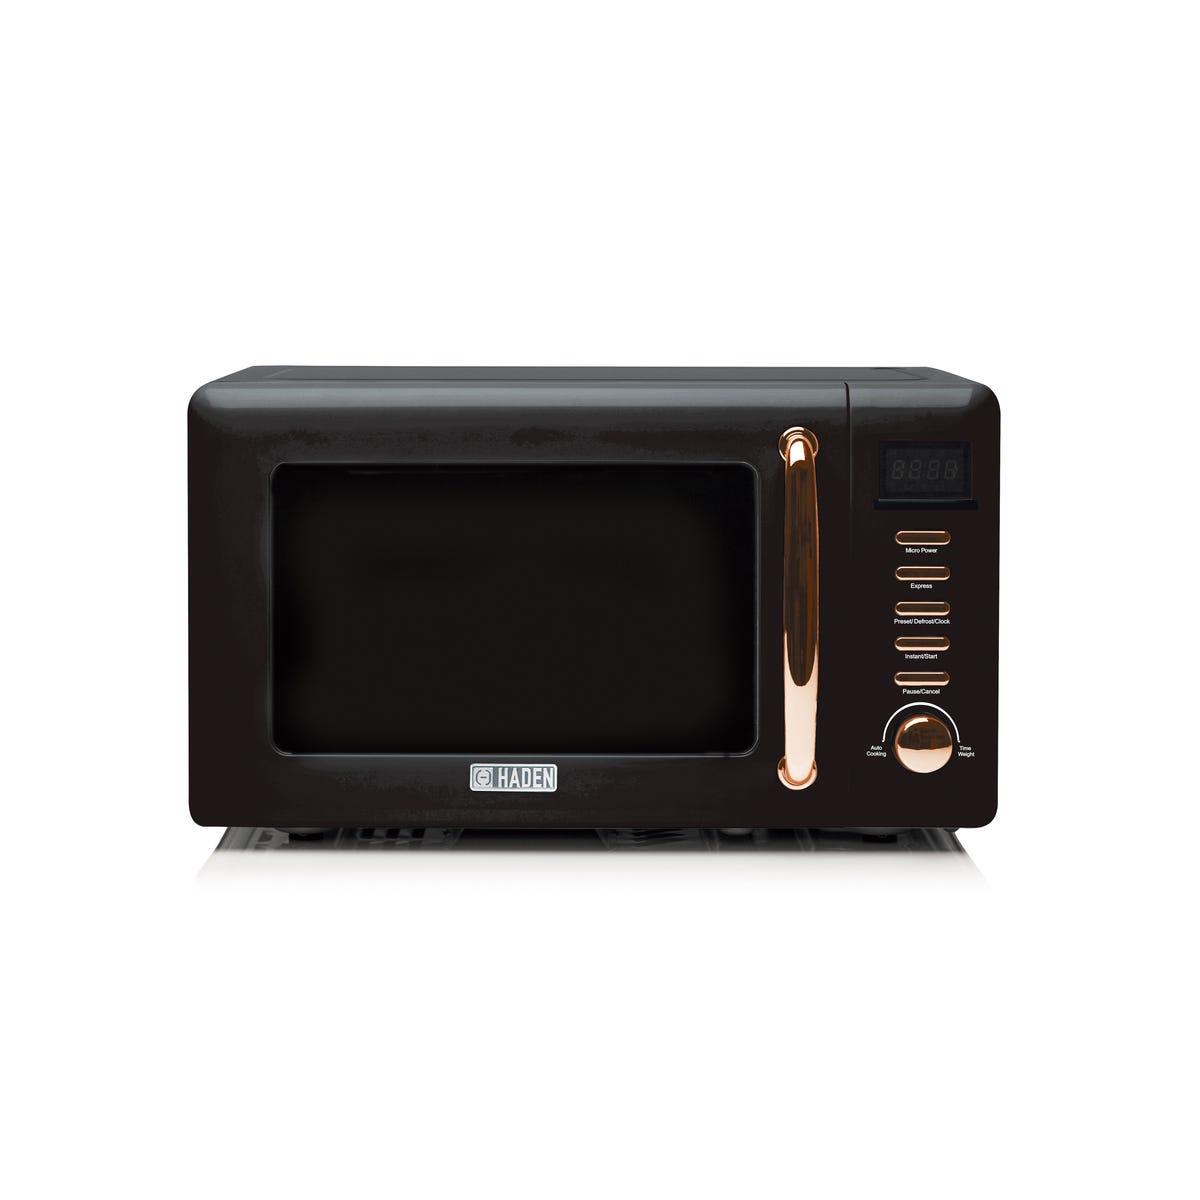 Haden 197061 Salcombe 20L 800W Microwave - Black/Copper